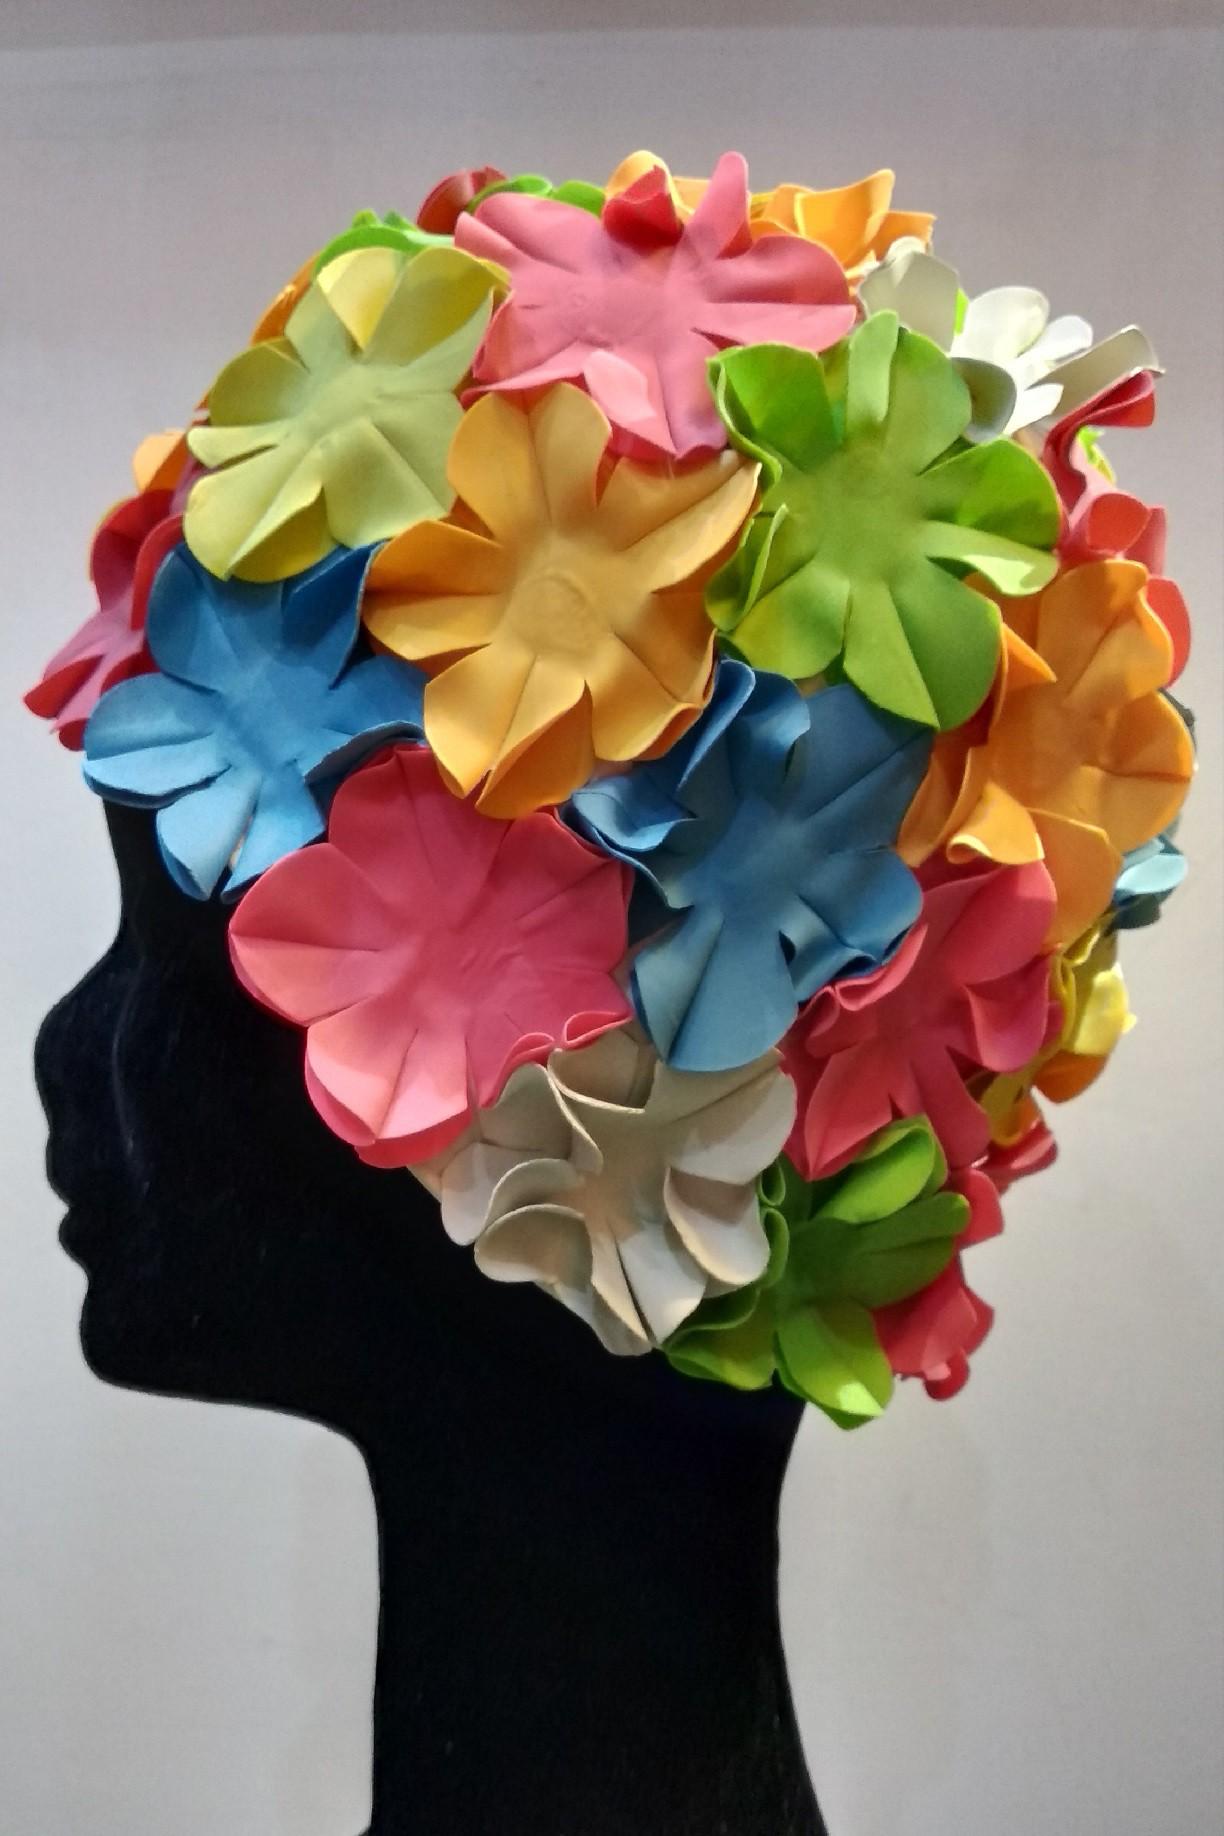 Úszósapka Flower - Színes